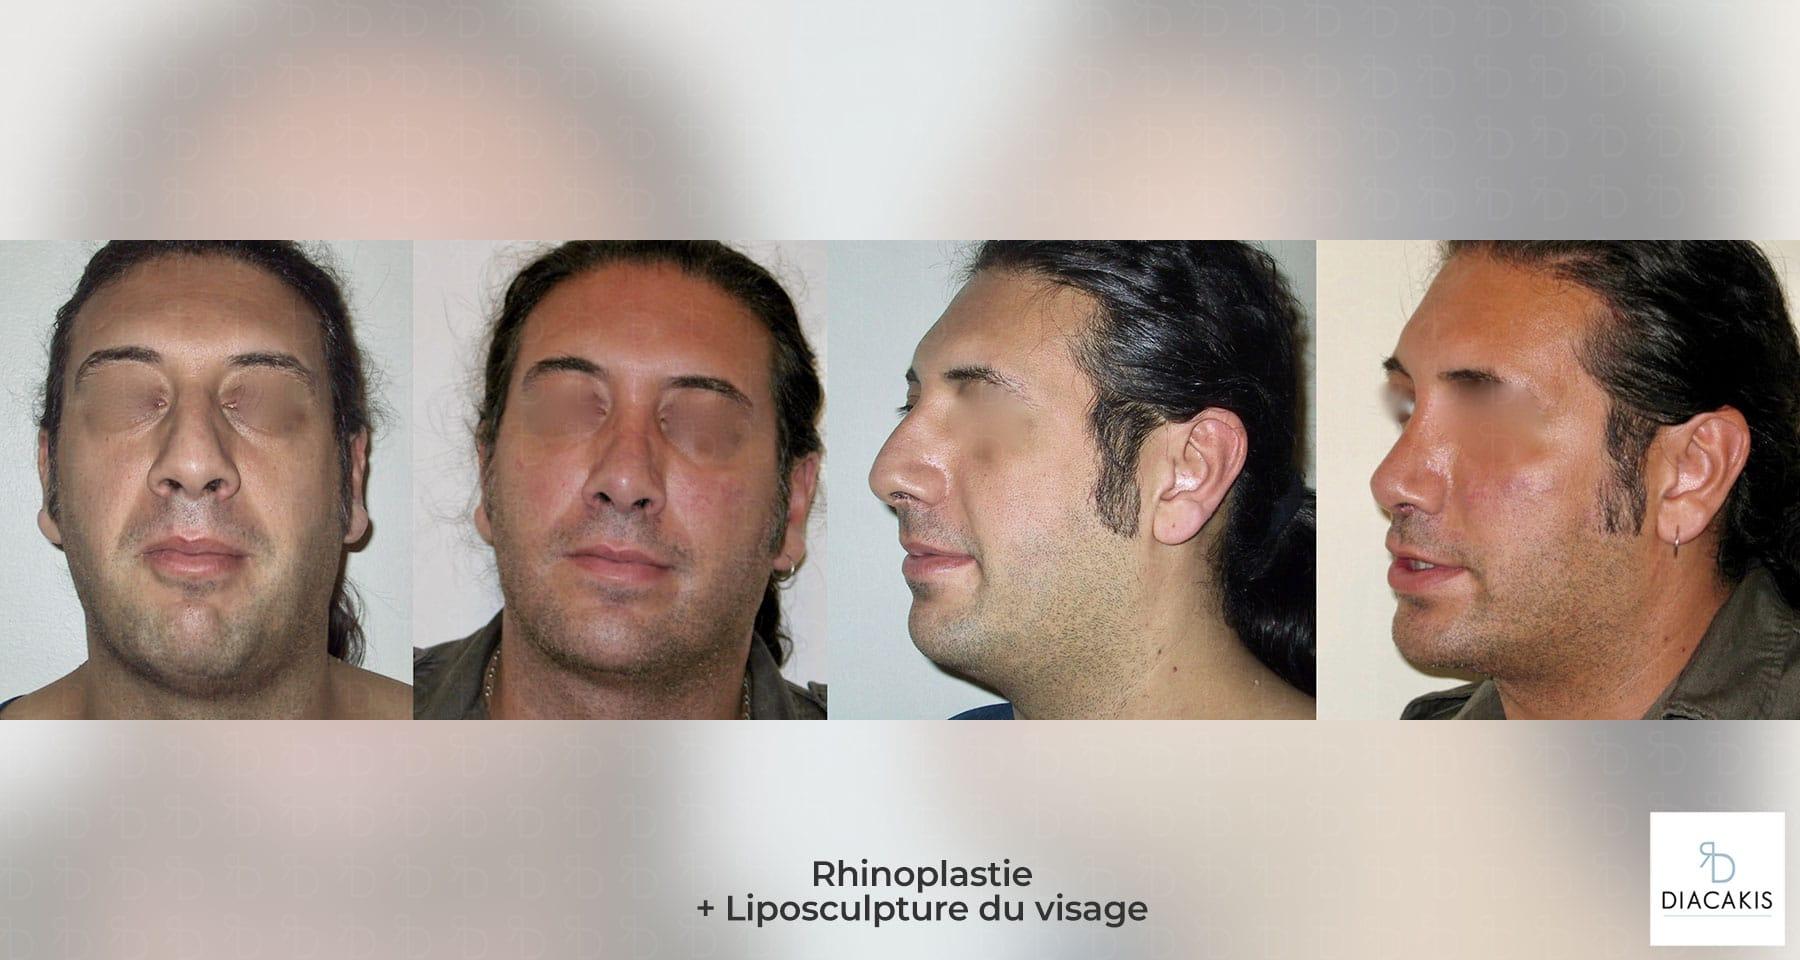 rhinoplastie-ablation-atelle-7-joursparis-chirurgie-esthetique-nez-paris-docteur-diacakis